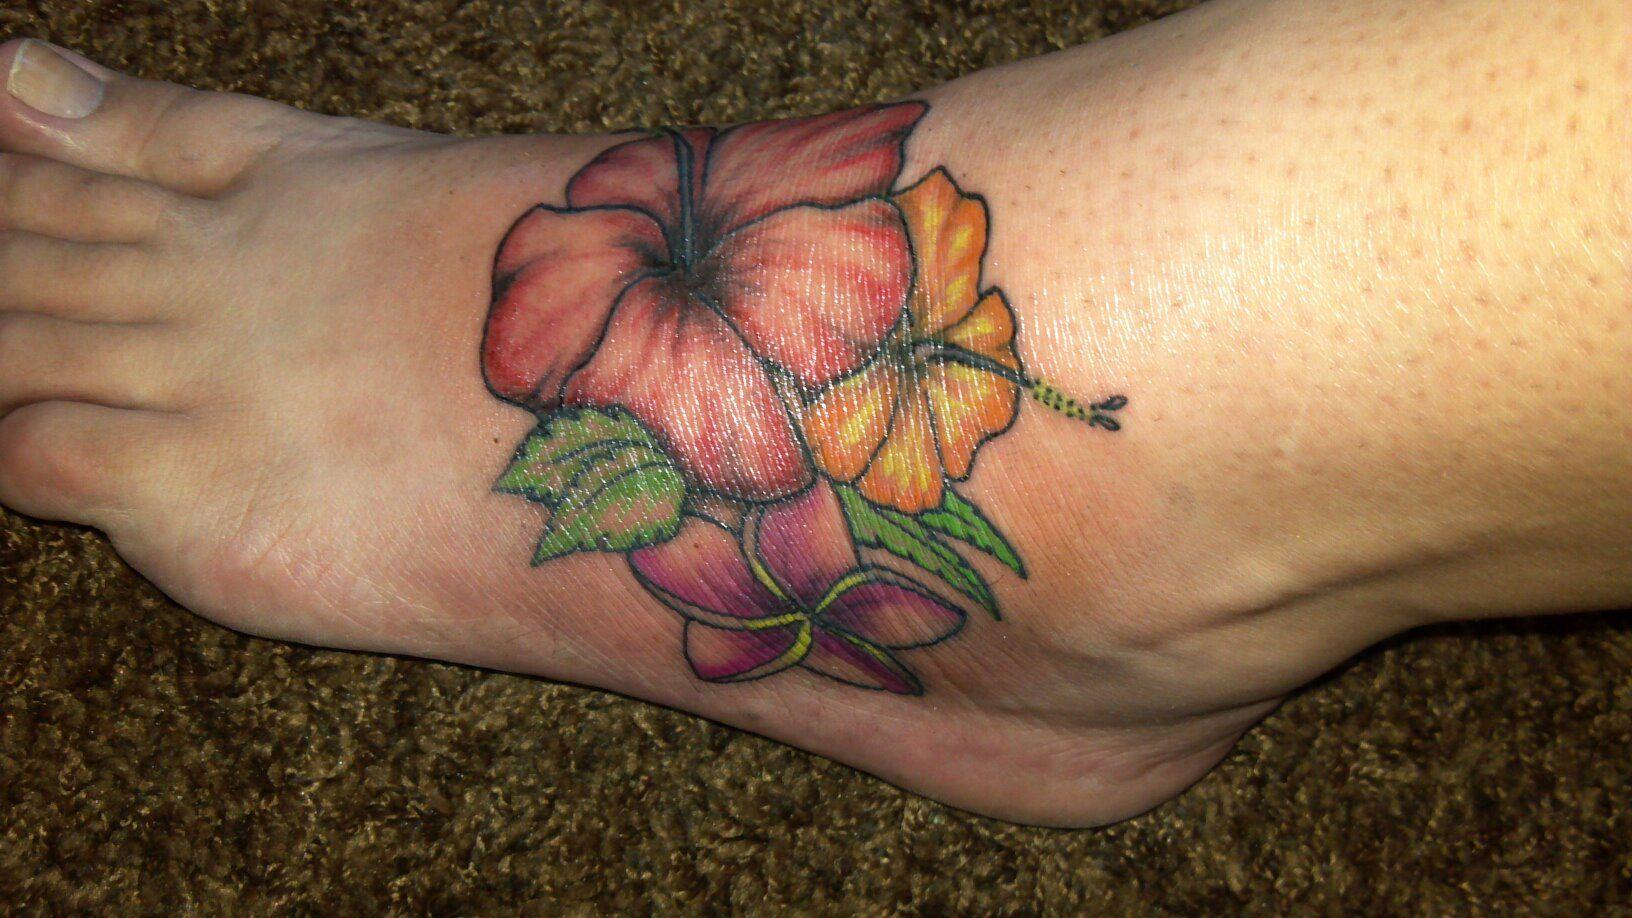 Hawaiian Flower Foot Tattoo Tattoos Pinterest Tattoos Flower